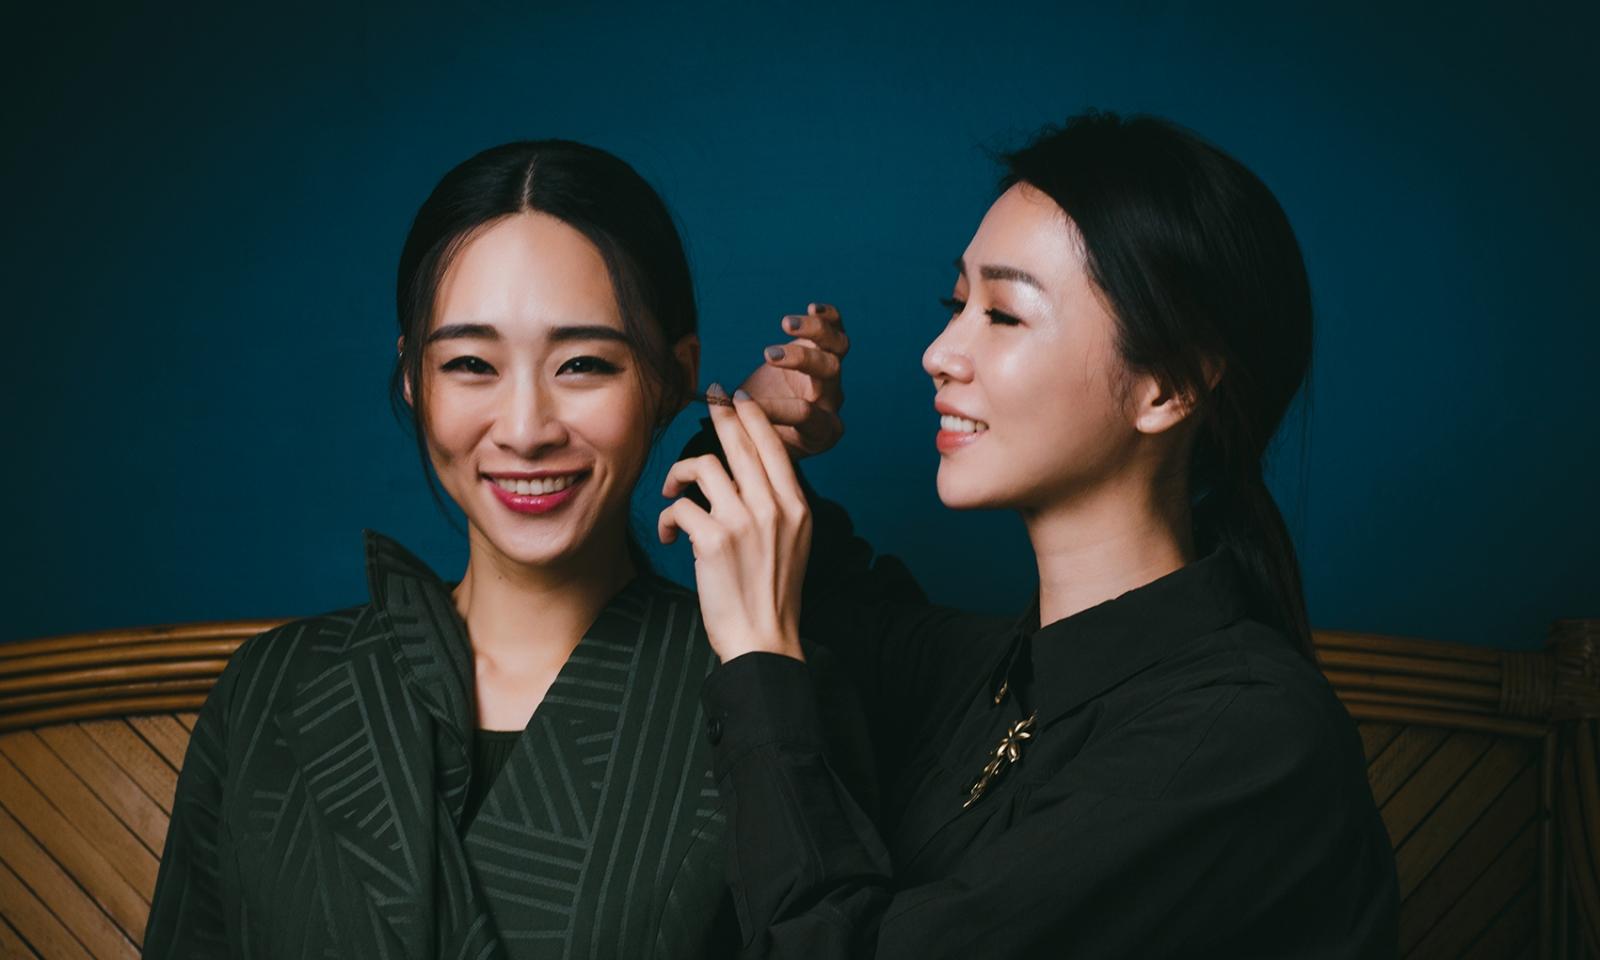 梅姨與女演員 謝盈萱 ╳ 吳可熙:給臨演與配角一個特寫